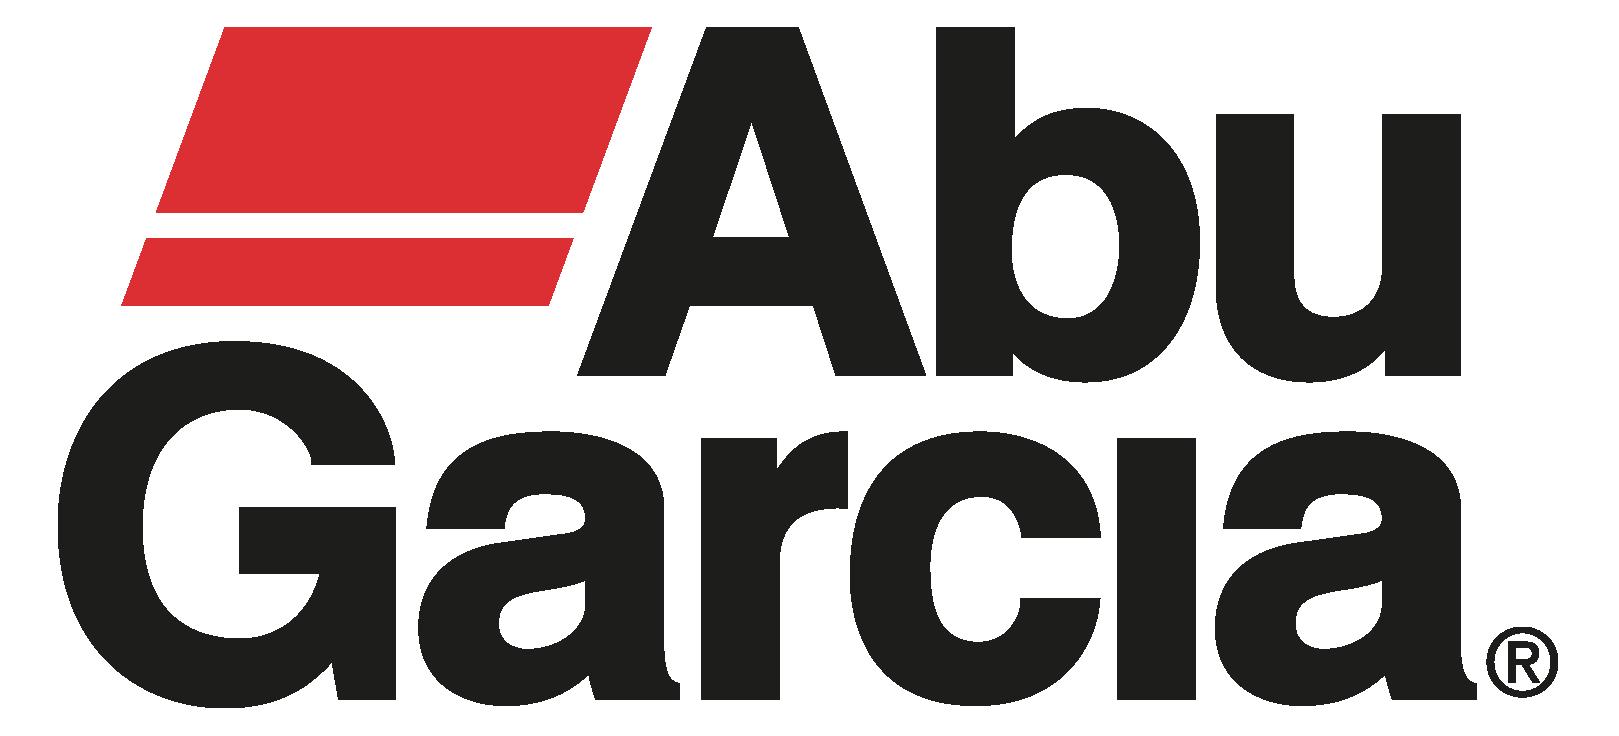 Abu-Garcia-black-red